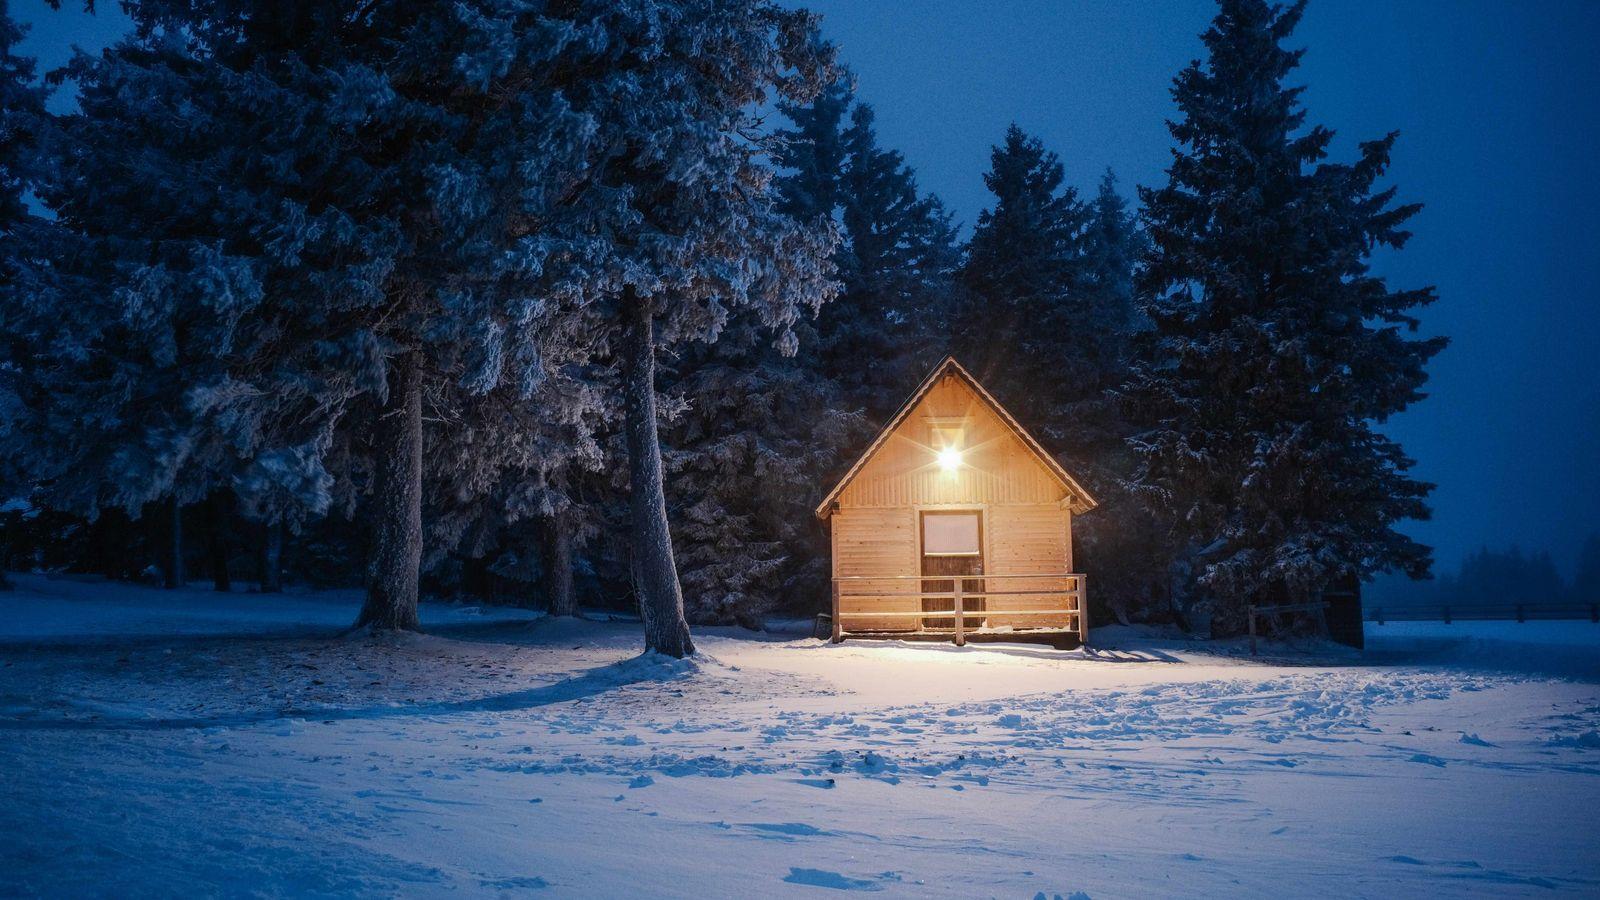 As night draws in, a warm glow illuminates one of Rogla's rustic mountain huts.